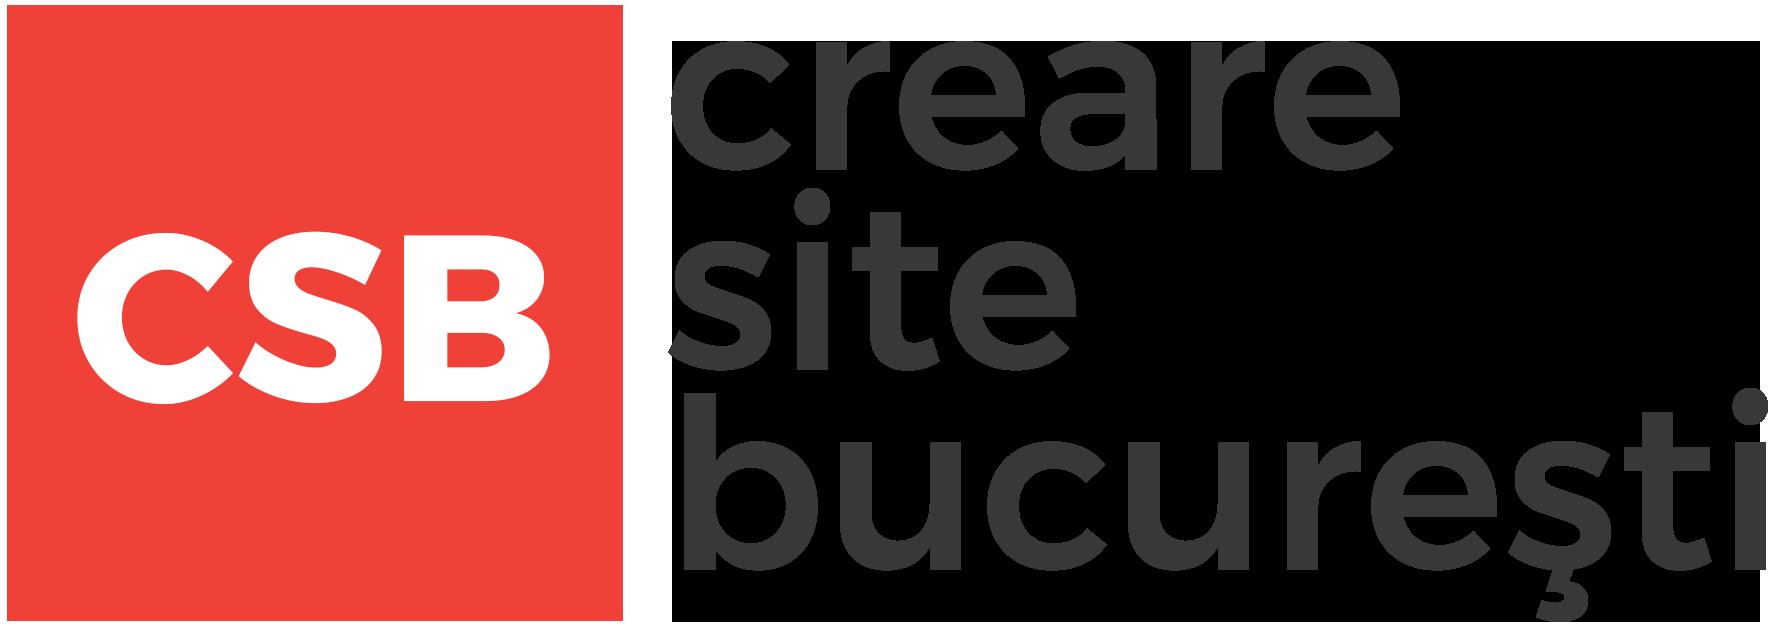 Creare Site Bucuresti